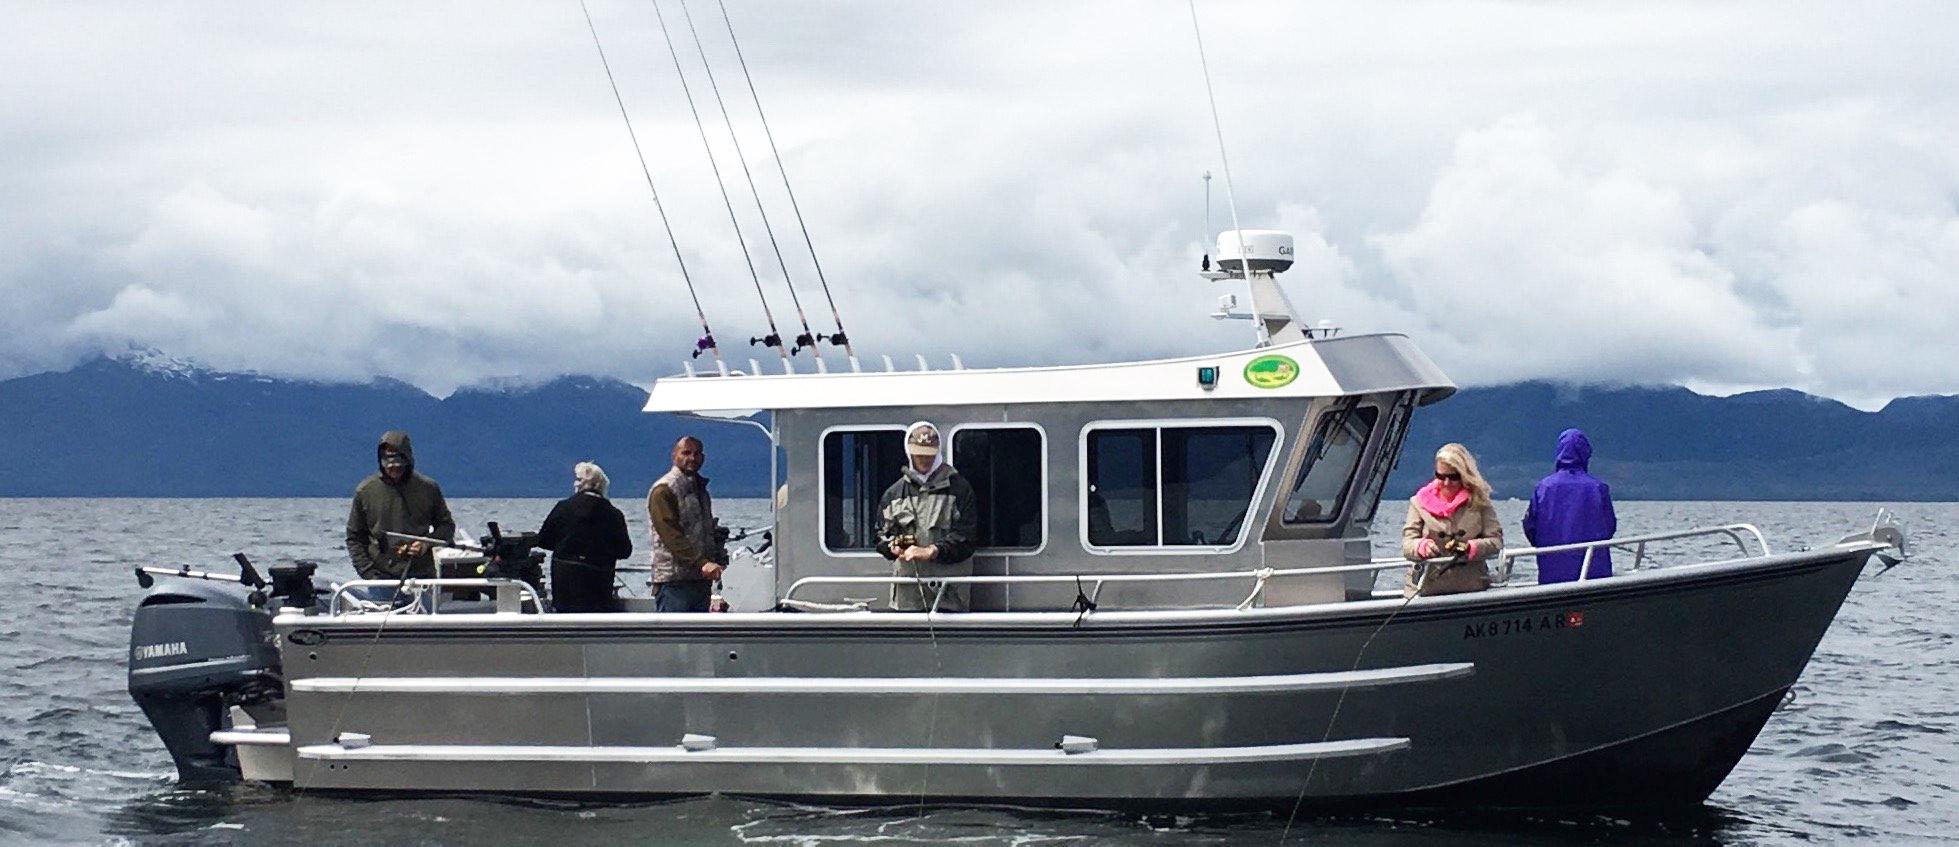 Alaska King Fishing Charter